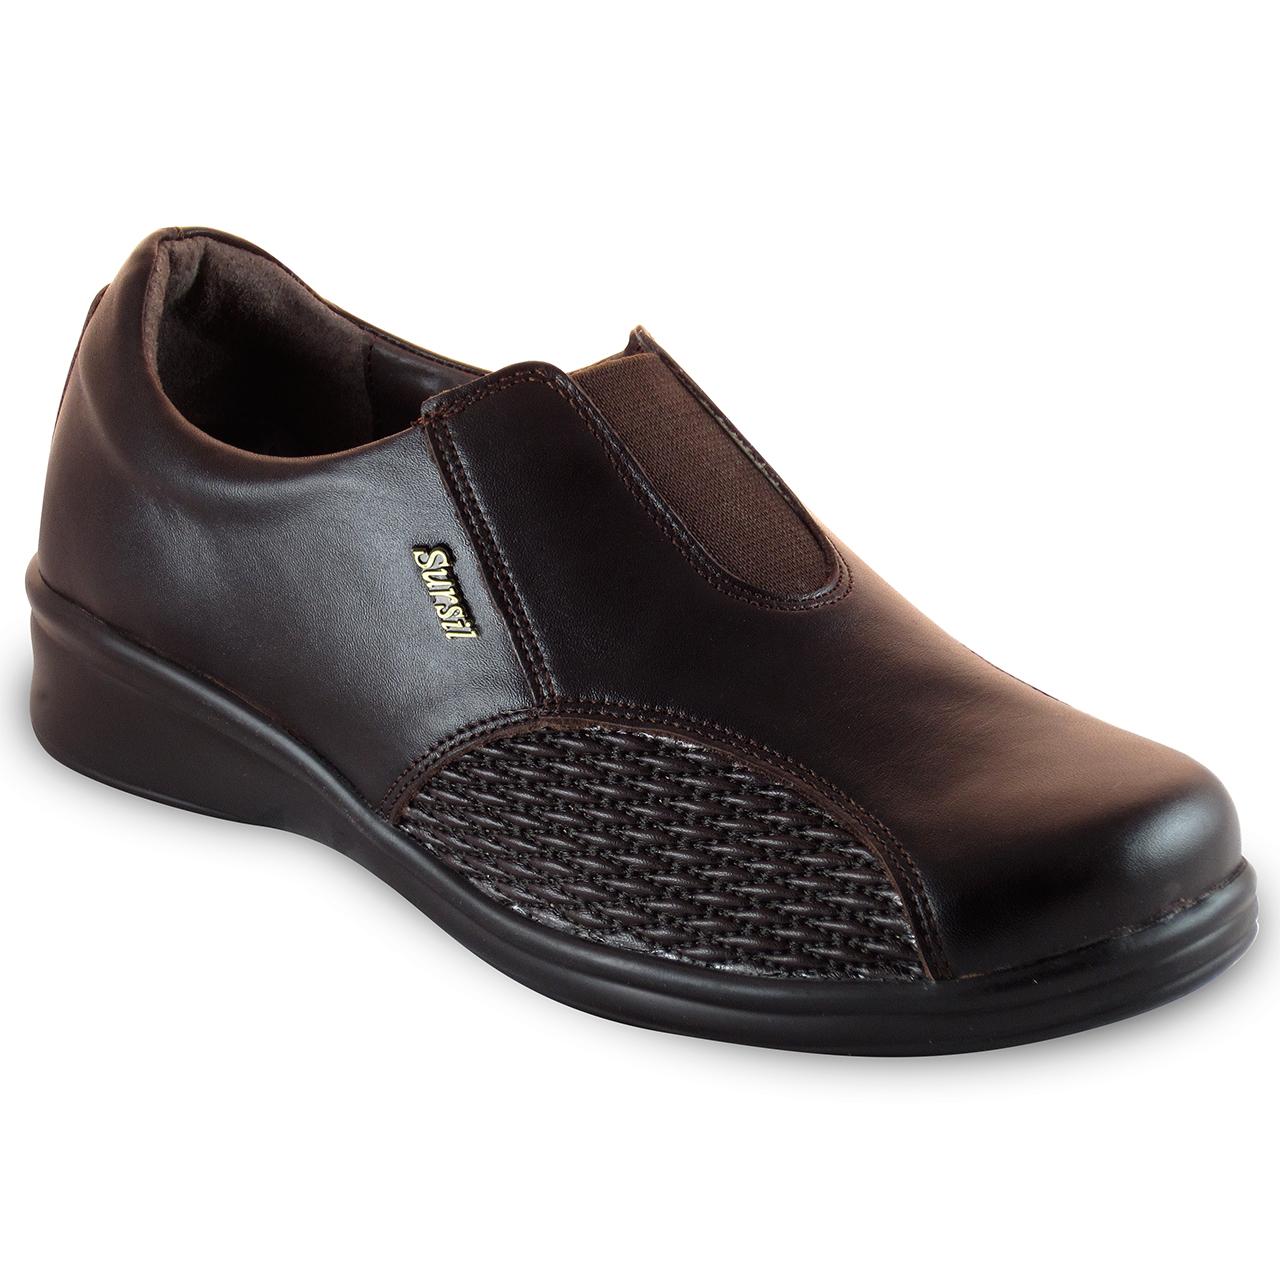 1488683bd Женская ортопедическая обувь Sursil 2430-1 – купить по цене 4350 руб ...